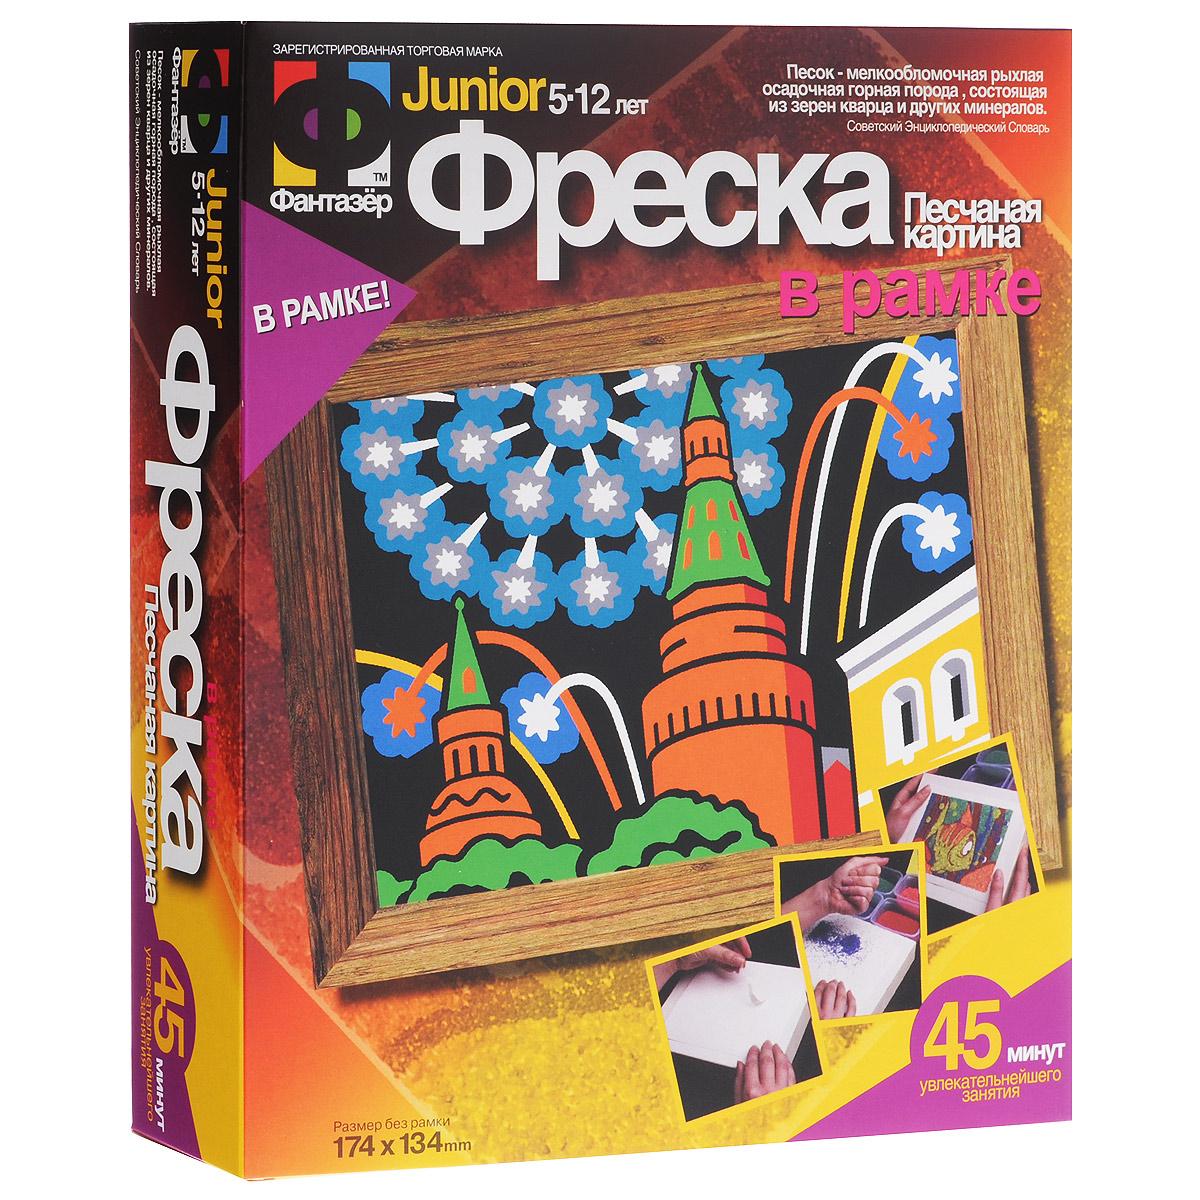 Набор для создания фрески Фантазер Кремль407026С набором для создания фрески Фантазер Кремль ваш ребенок сможет изготовить удивительную картину из цветного песка! В набор входят: кварцевый песок 9 цветов (зеленый, бирюзовый, синий, желтый, красный, оранжевый, черный, белый, серый), специальная трехслойная основа, заготовка рамки, шаблон. Малыш без труда создаст необычную песчаную картину, которая будет отличным украшением комнаты или кабинета и объектом гордости вашего ребенка. Процесс создания картины из песка прост и увлекателен - достаточно отклеить защитный слой с каждого элемента и засыпать его песком разных цветов, ориентируясь на изображение на упаковке. Начинайте с песка черного цвета, переходя от темных оттенков к более светлым, от мелких элементов к более крупным. Готовую картинку с изображением великолепного Кремля можно оформить входящей в комплект сборной рамкой. Инструкция расположена на обратной стороне упаковки. Вас ждет интересное занятие и великолепный результат!